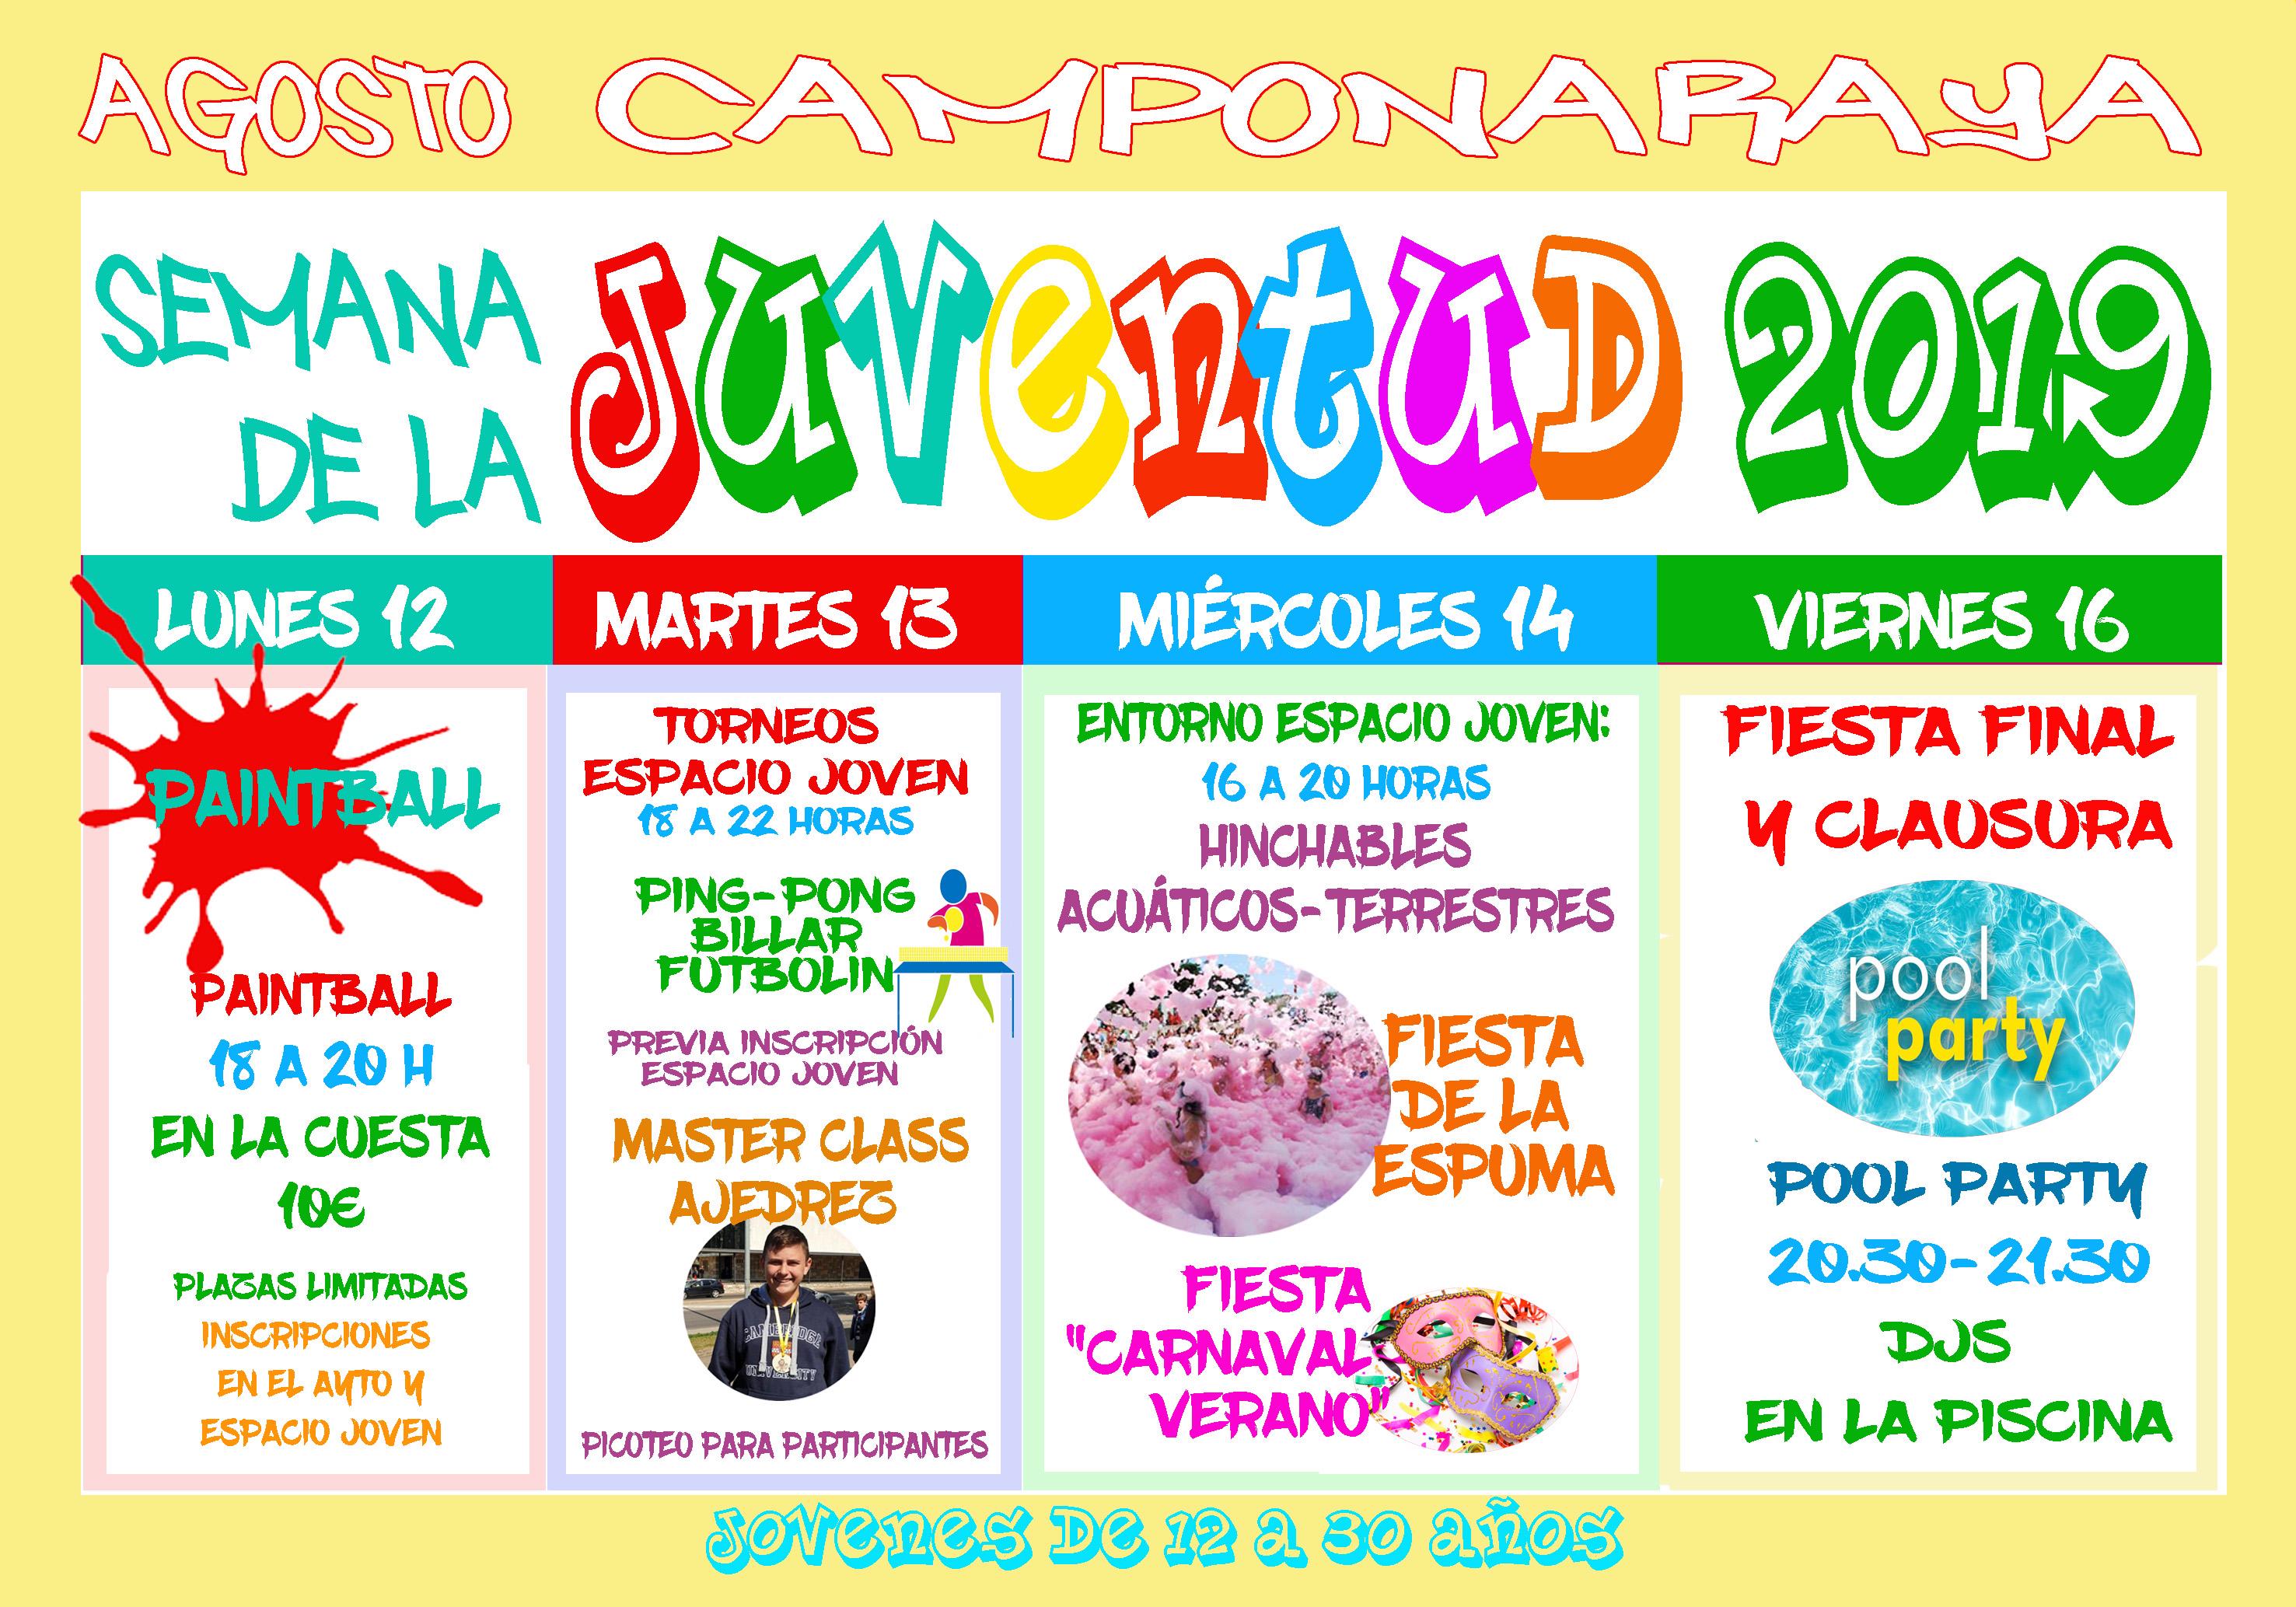 Camponaraya organiza la Semana de la Juventud 2